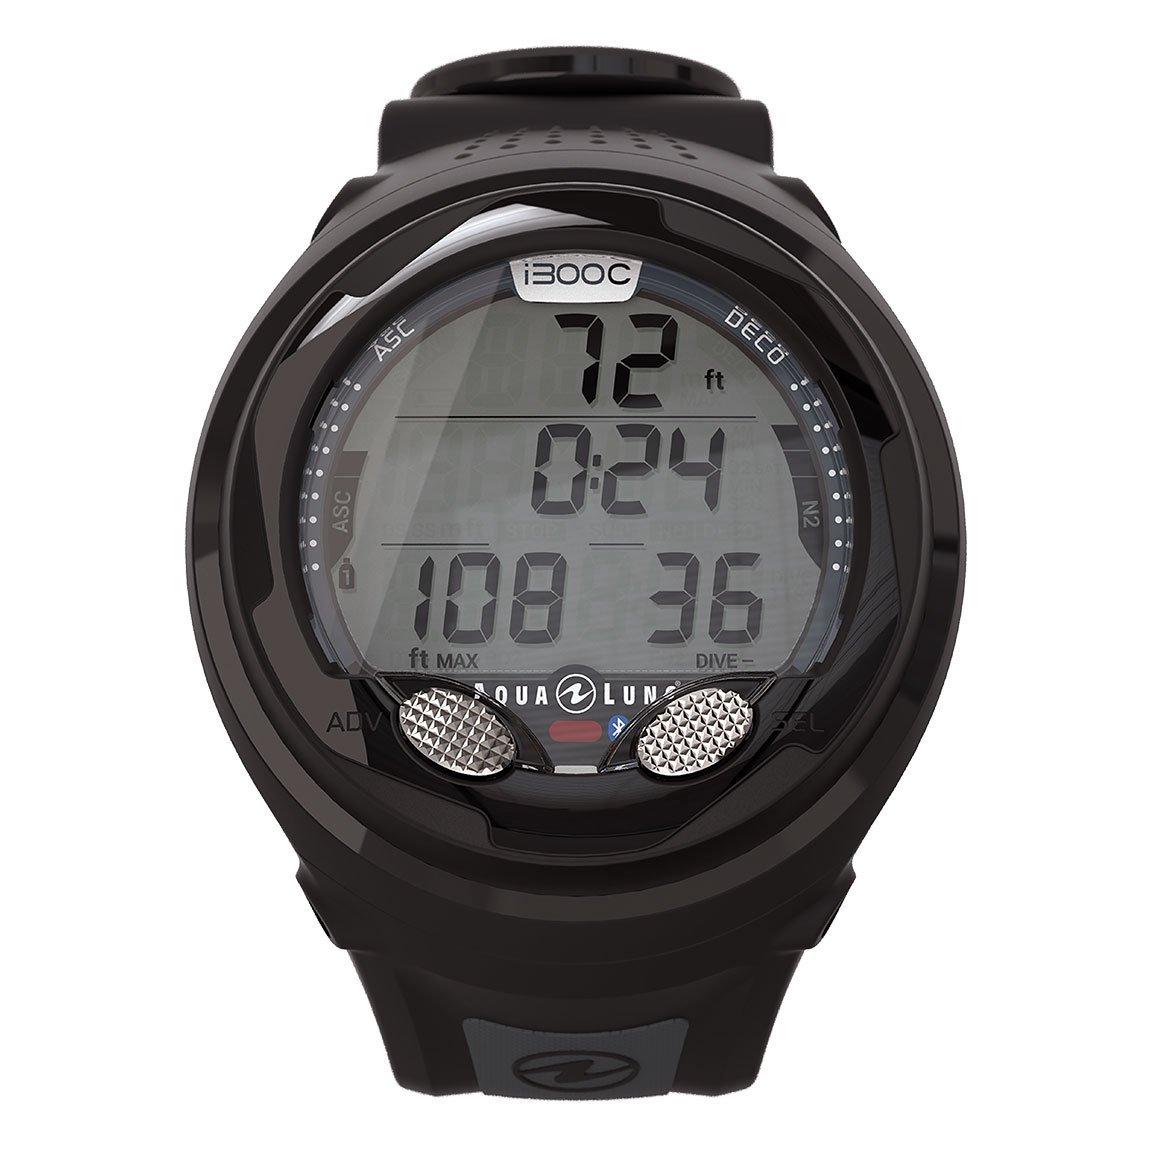 i300C Computer Wrist